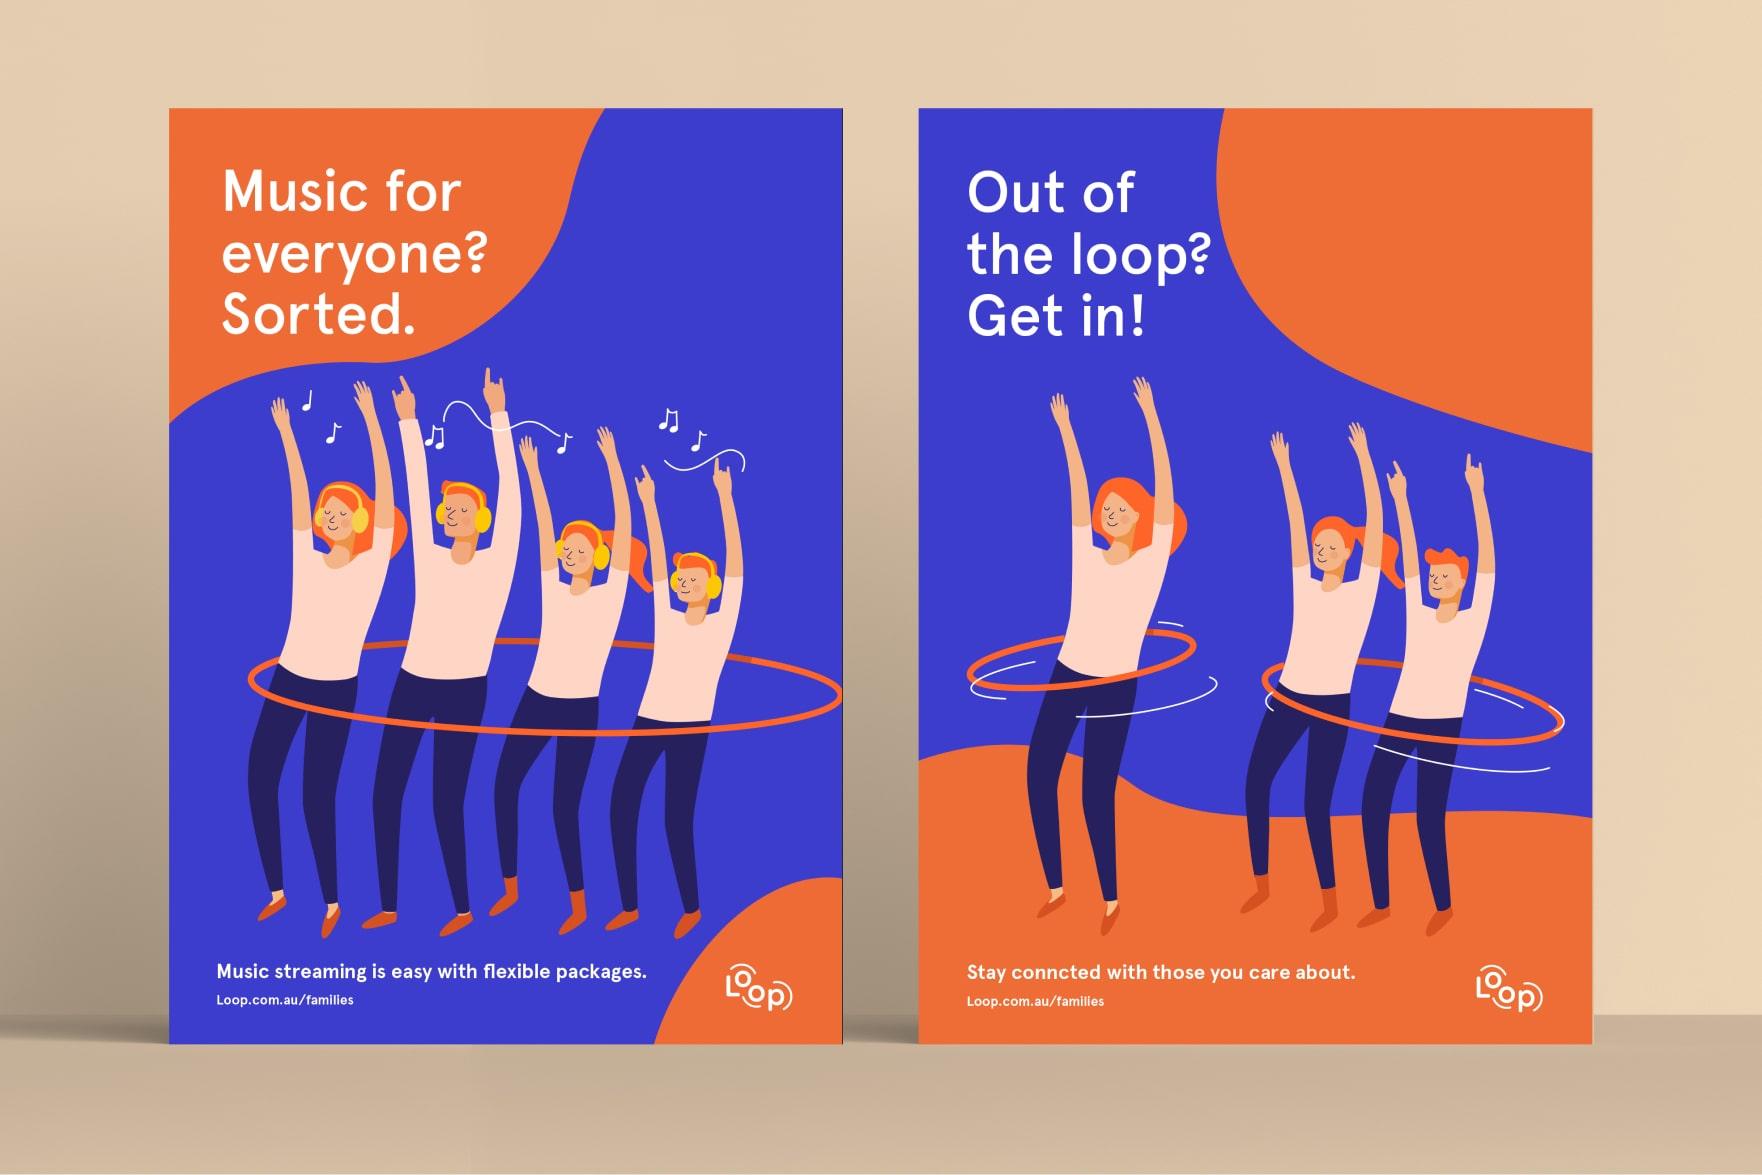 LOOP branding posters